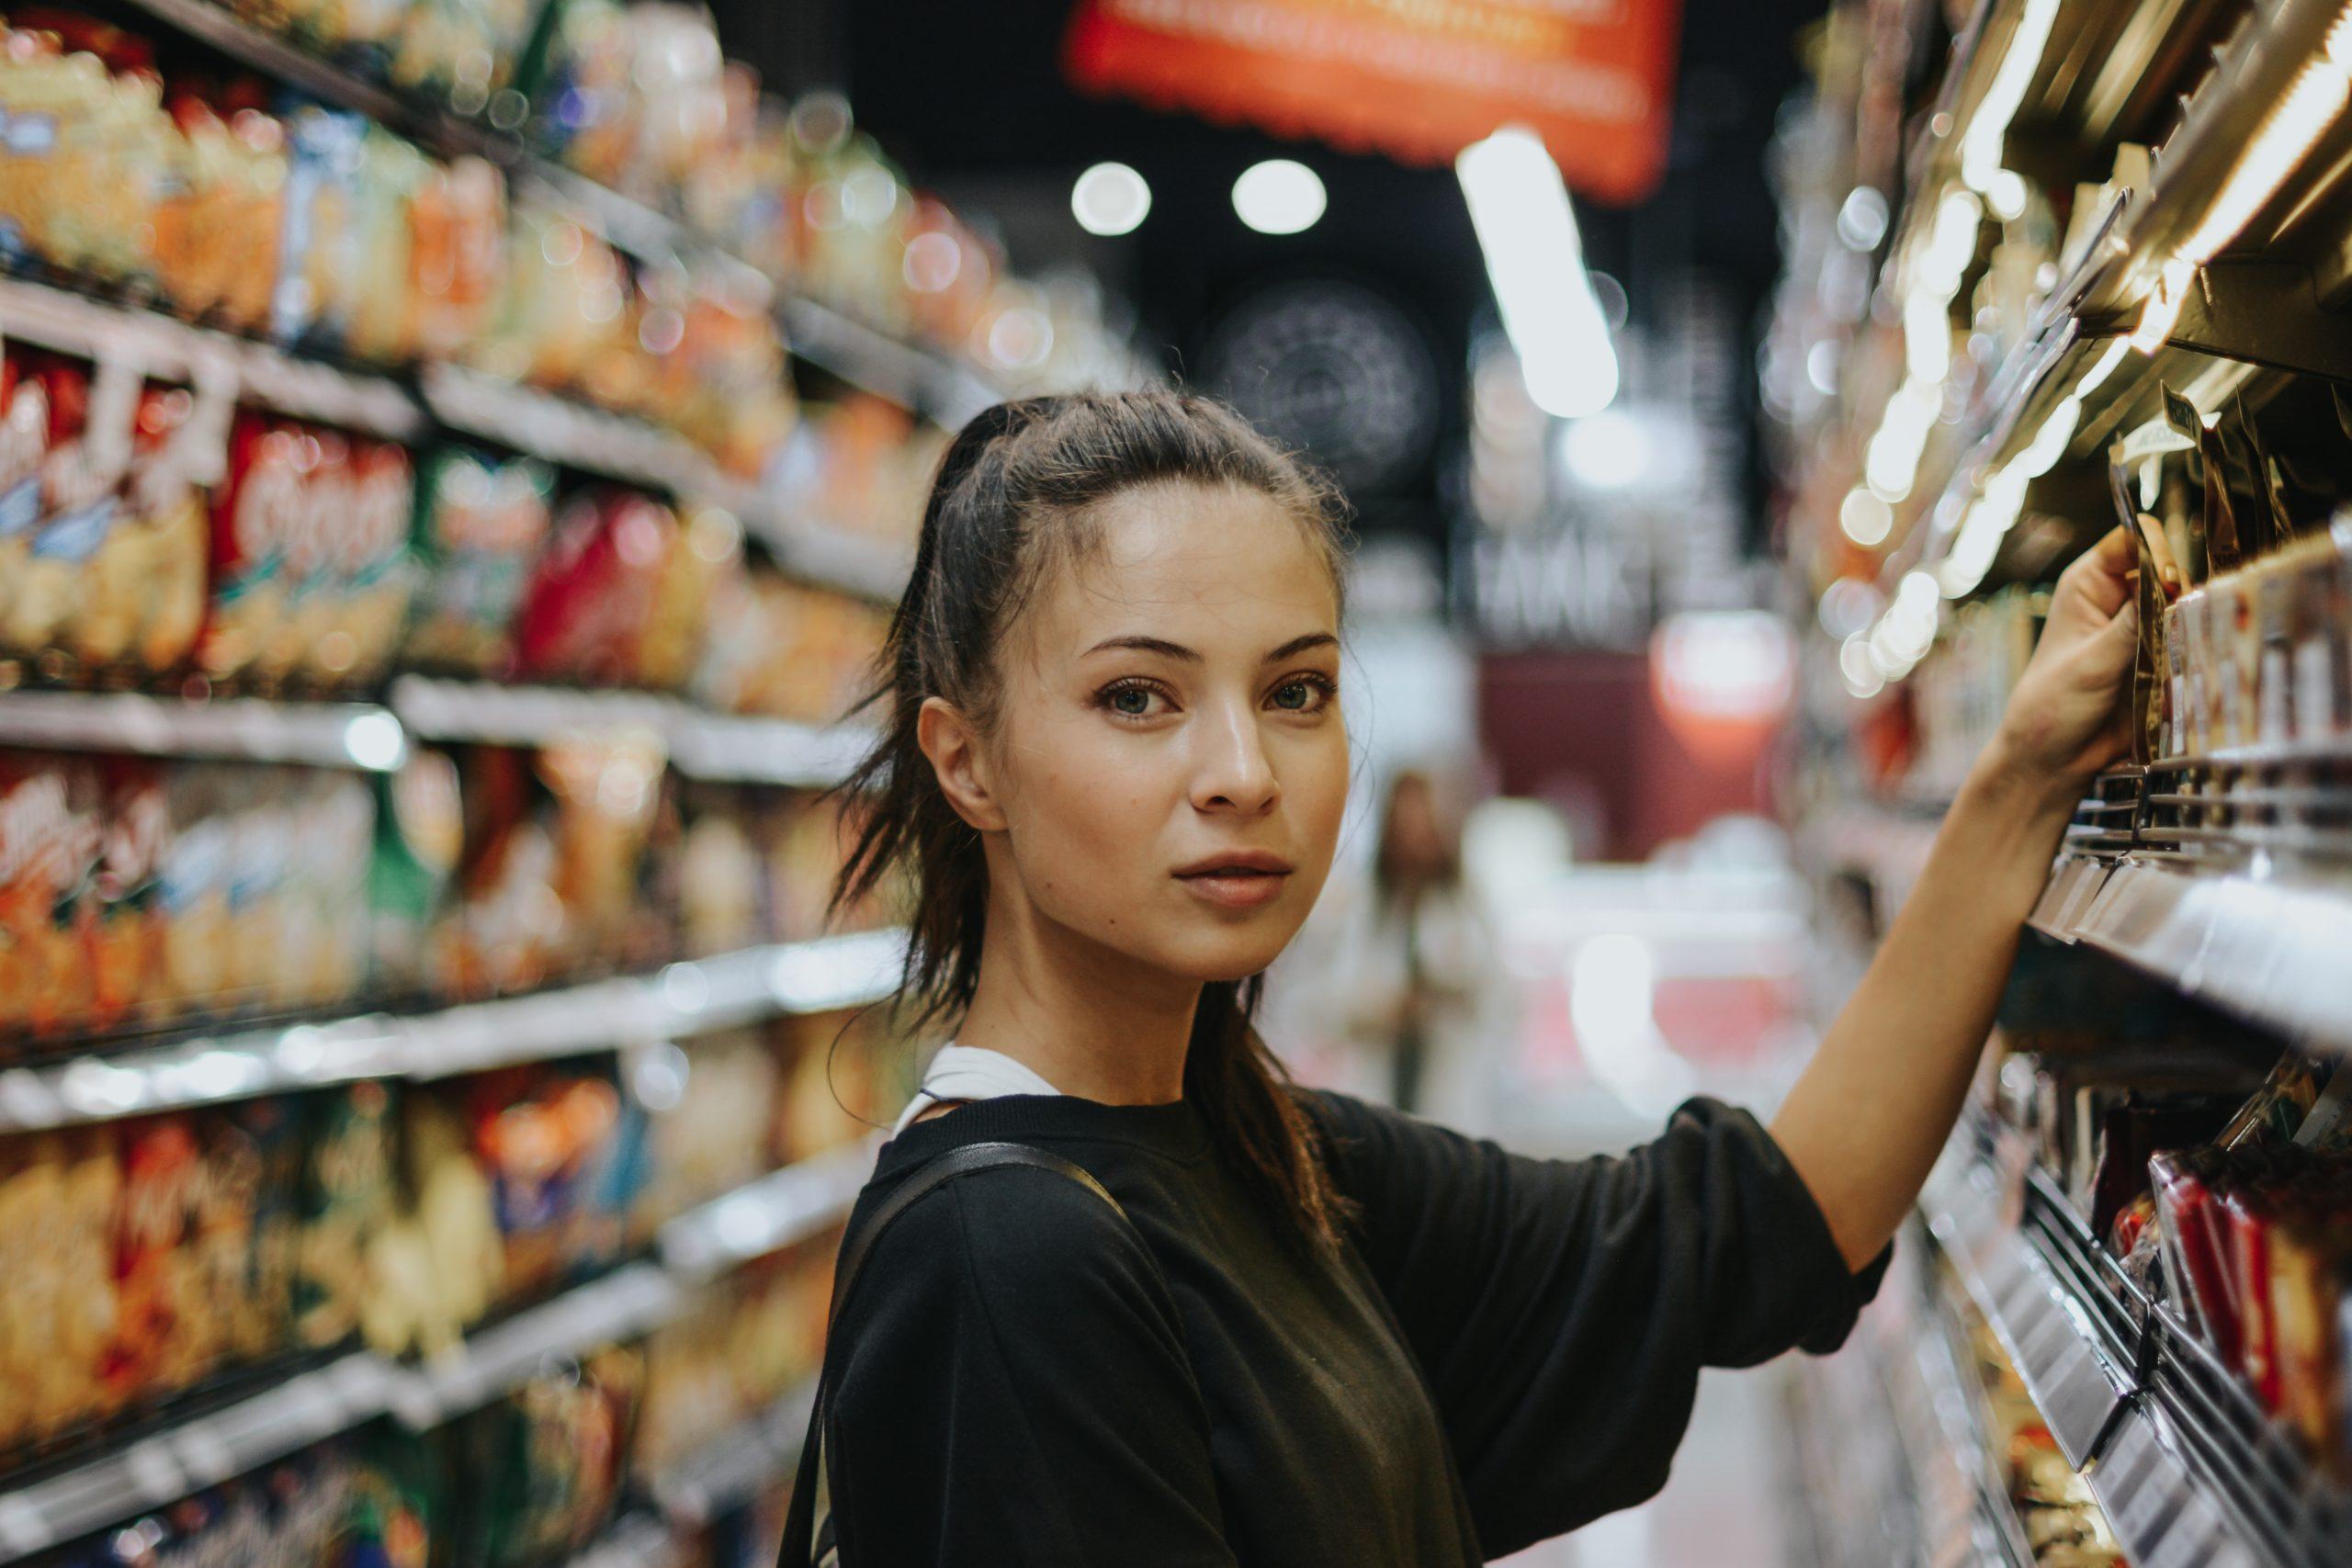 Frau im Laden vor einem Verkaufsregal